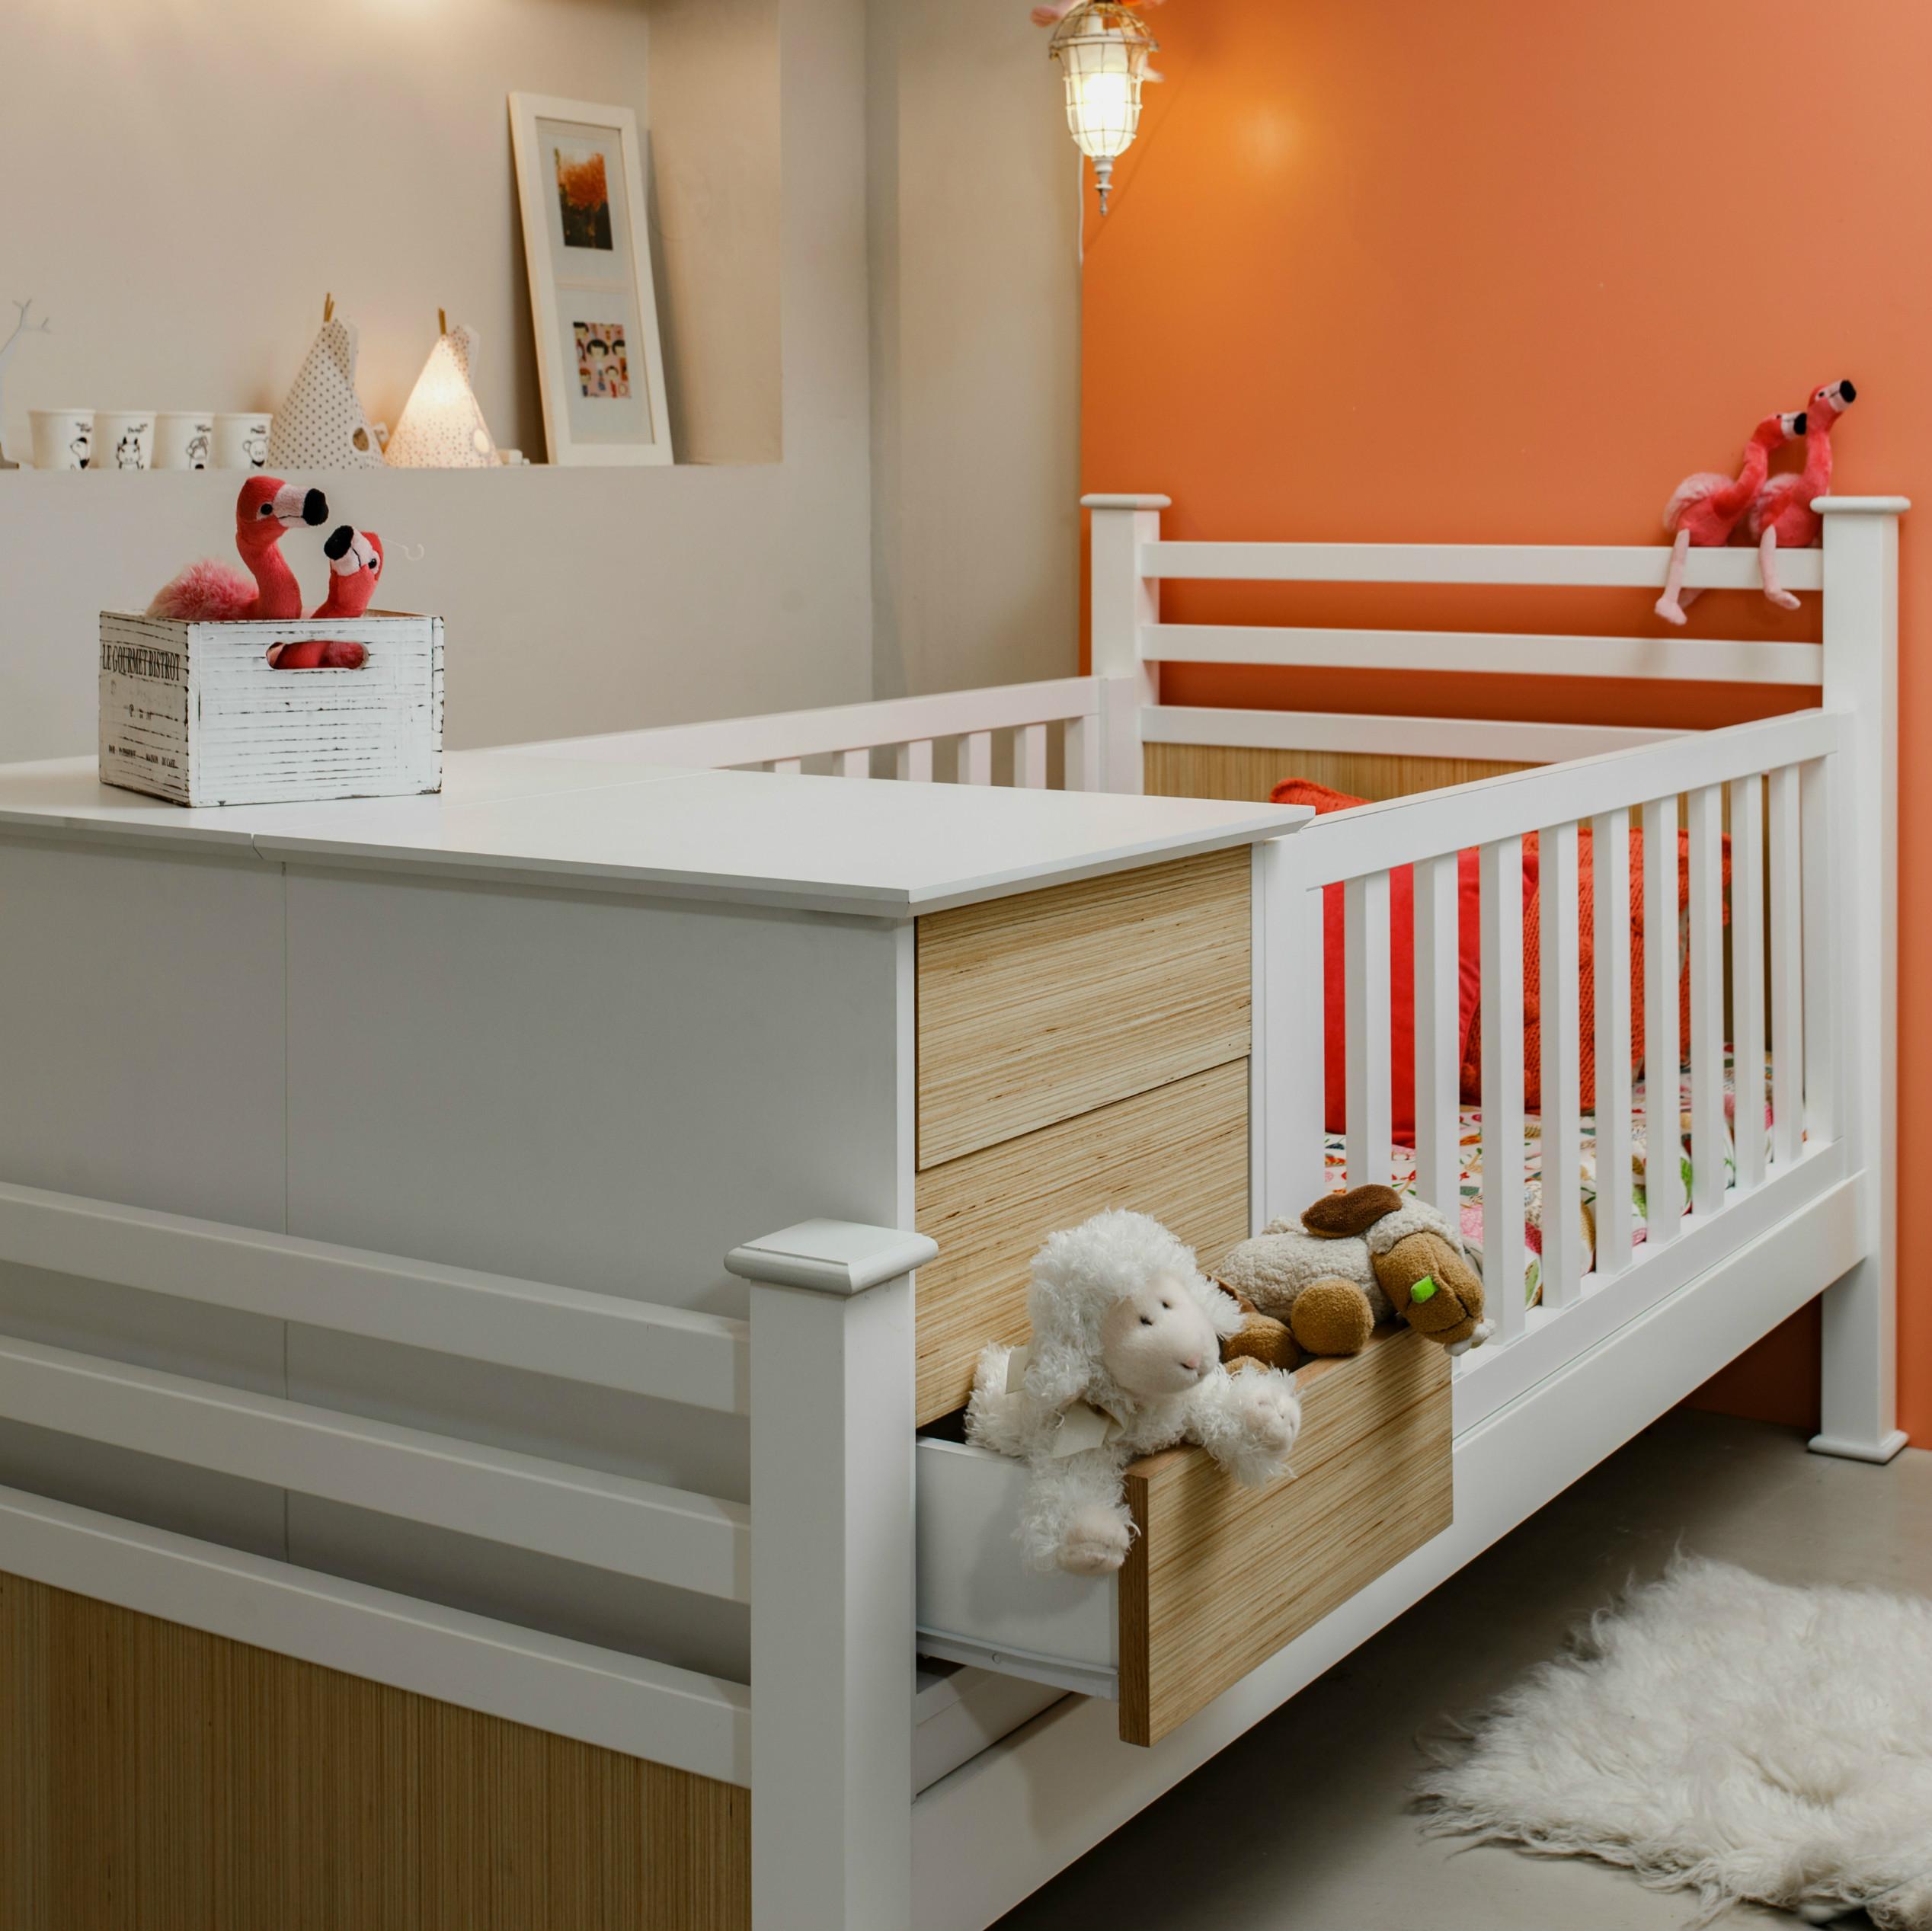 Cuna funcional bel n 3 fajas el corral muebles - Cuna que se convierte en cama ...